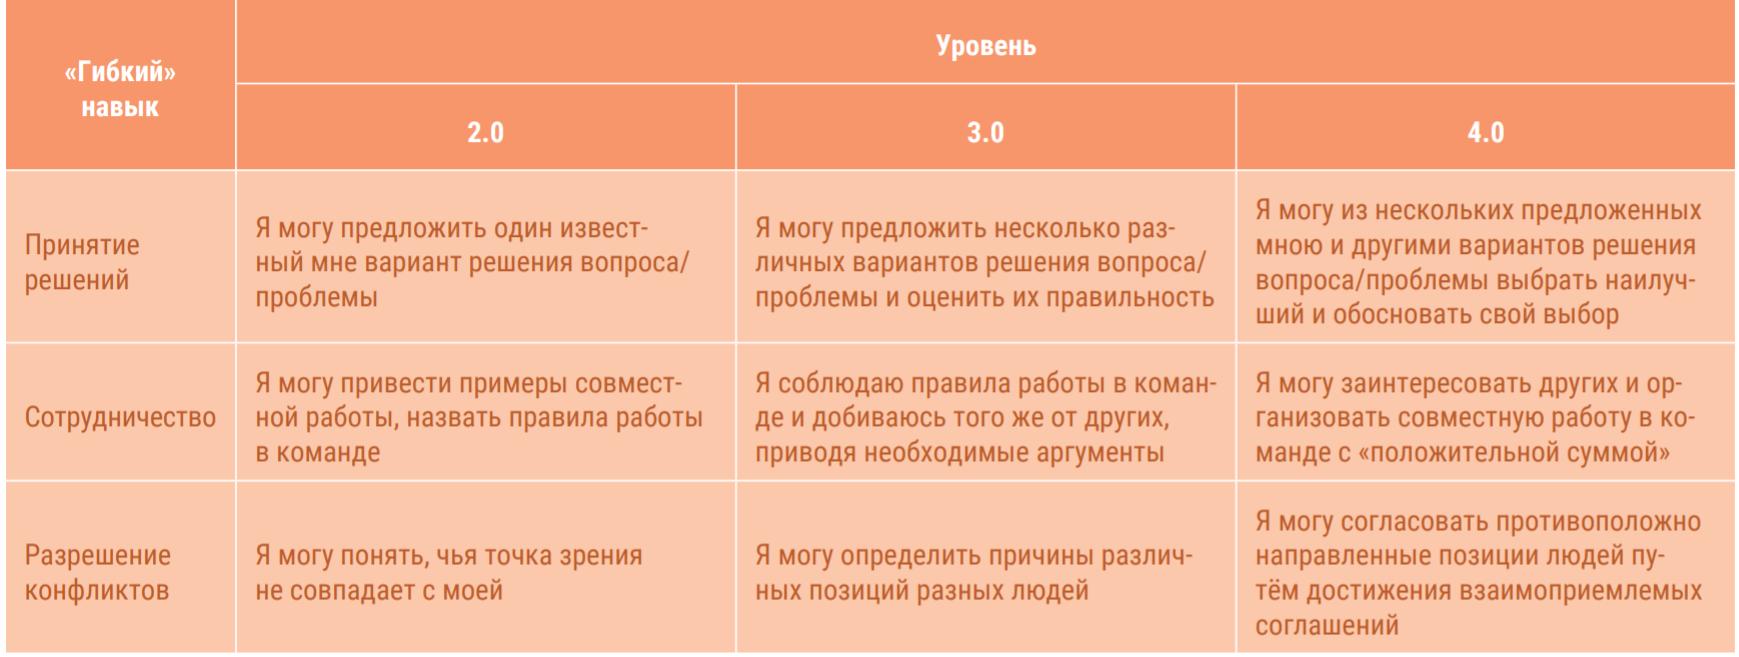 описание модели мягких навыков работа в команде